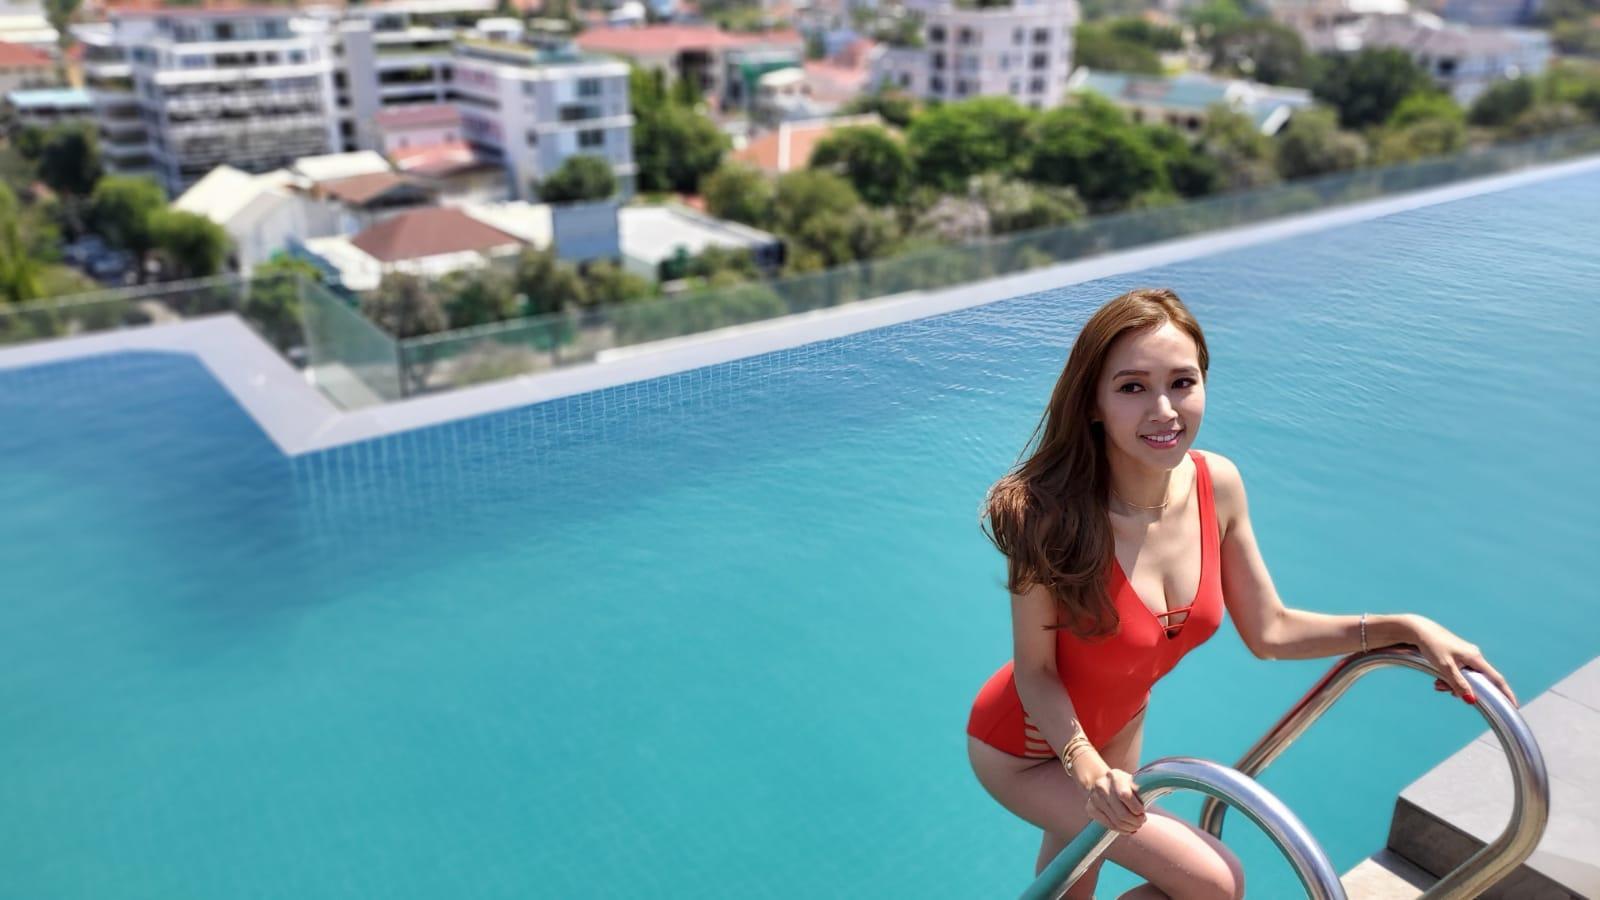 大派福利 本周二(18日)外景時,Kelly率先派福利畀《頭條》讀者,身穿火紅色噴血泳衣的Kelly置身柬埔寨一個Infinity pool大晒C cup身材。